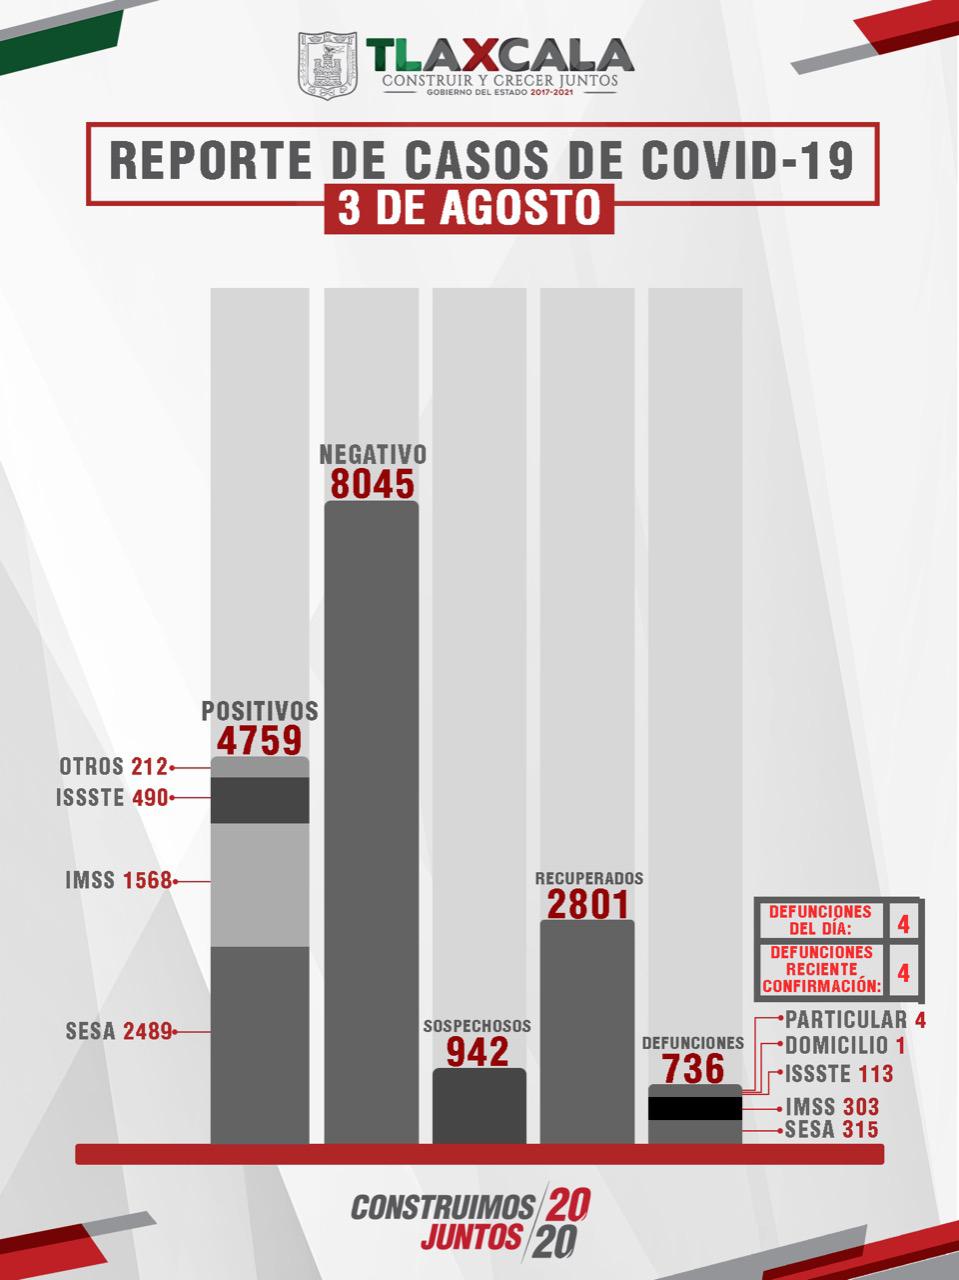 CONFIRMA SESA 67 PERSONAS RECUPERADAS, 67 CASOS  POSITIVOS Y 4 FALLECIMIENTOS DE COVID-19 EN TLAXCALA